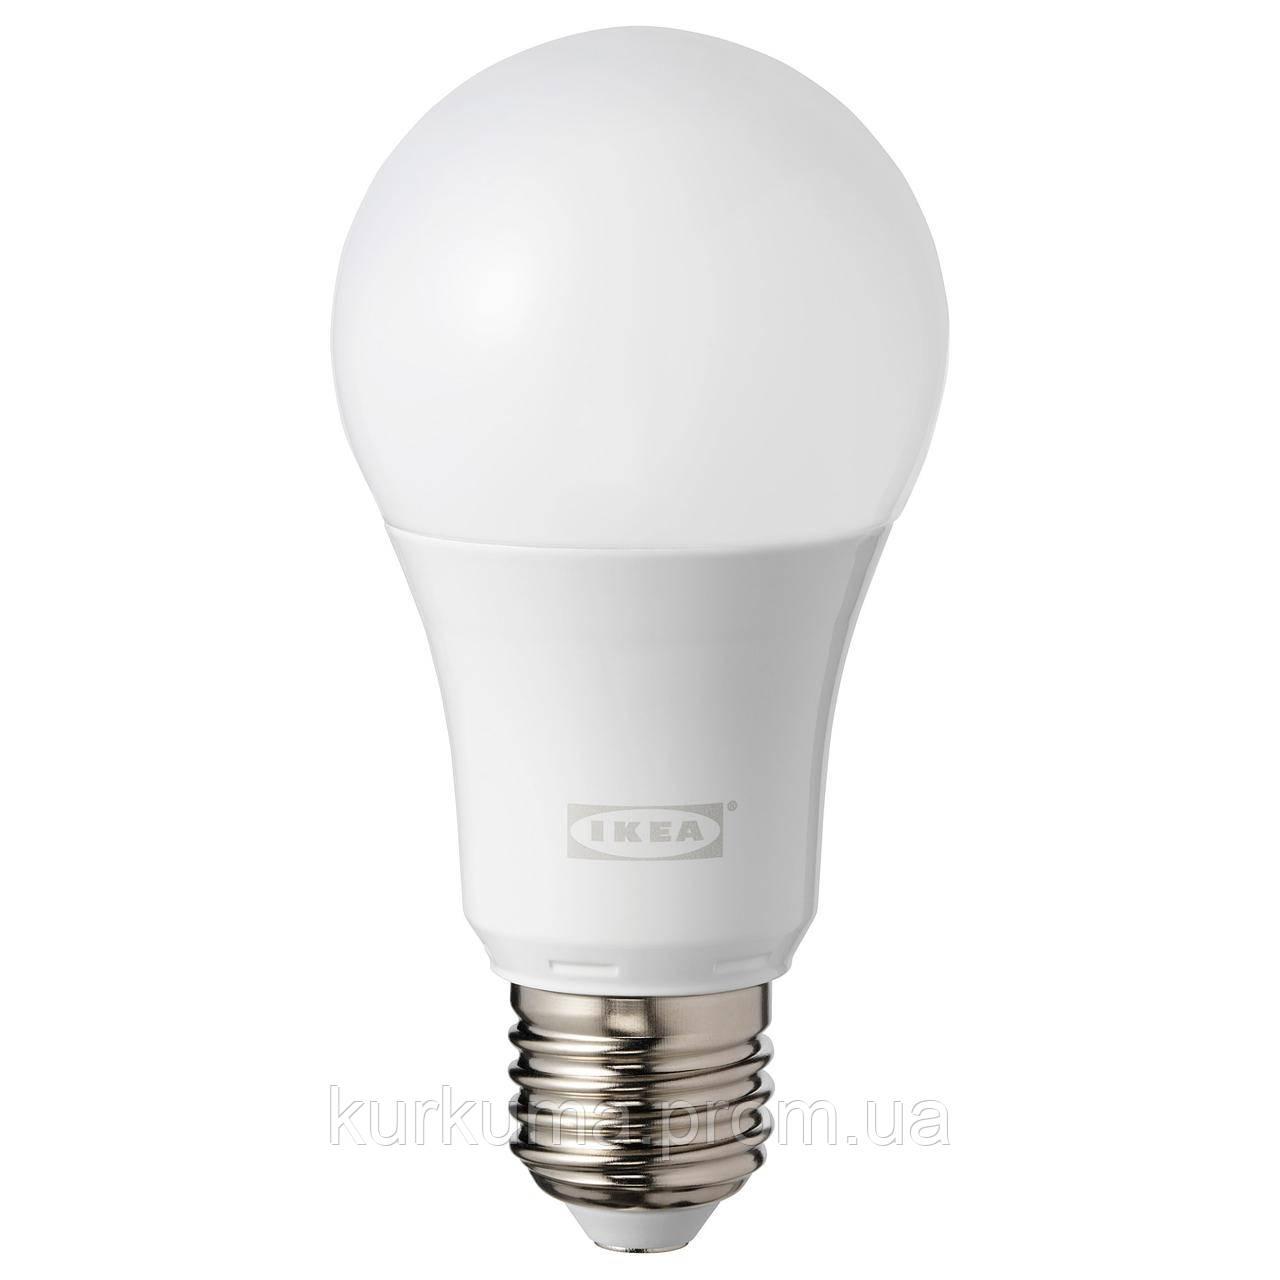 IKEA TRADFRI Светодиодная лампа E27 600 люмен, беспроводная регулировка яркости, цветные и (004.086.12)